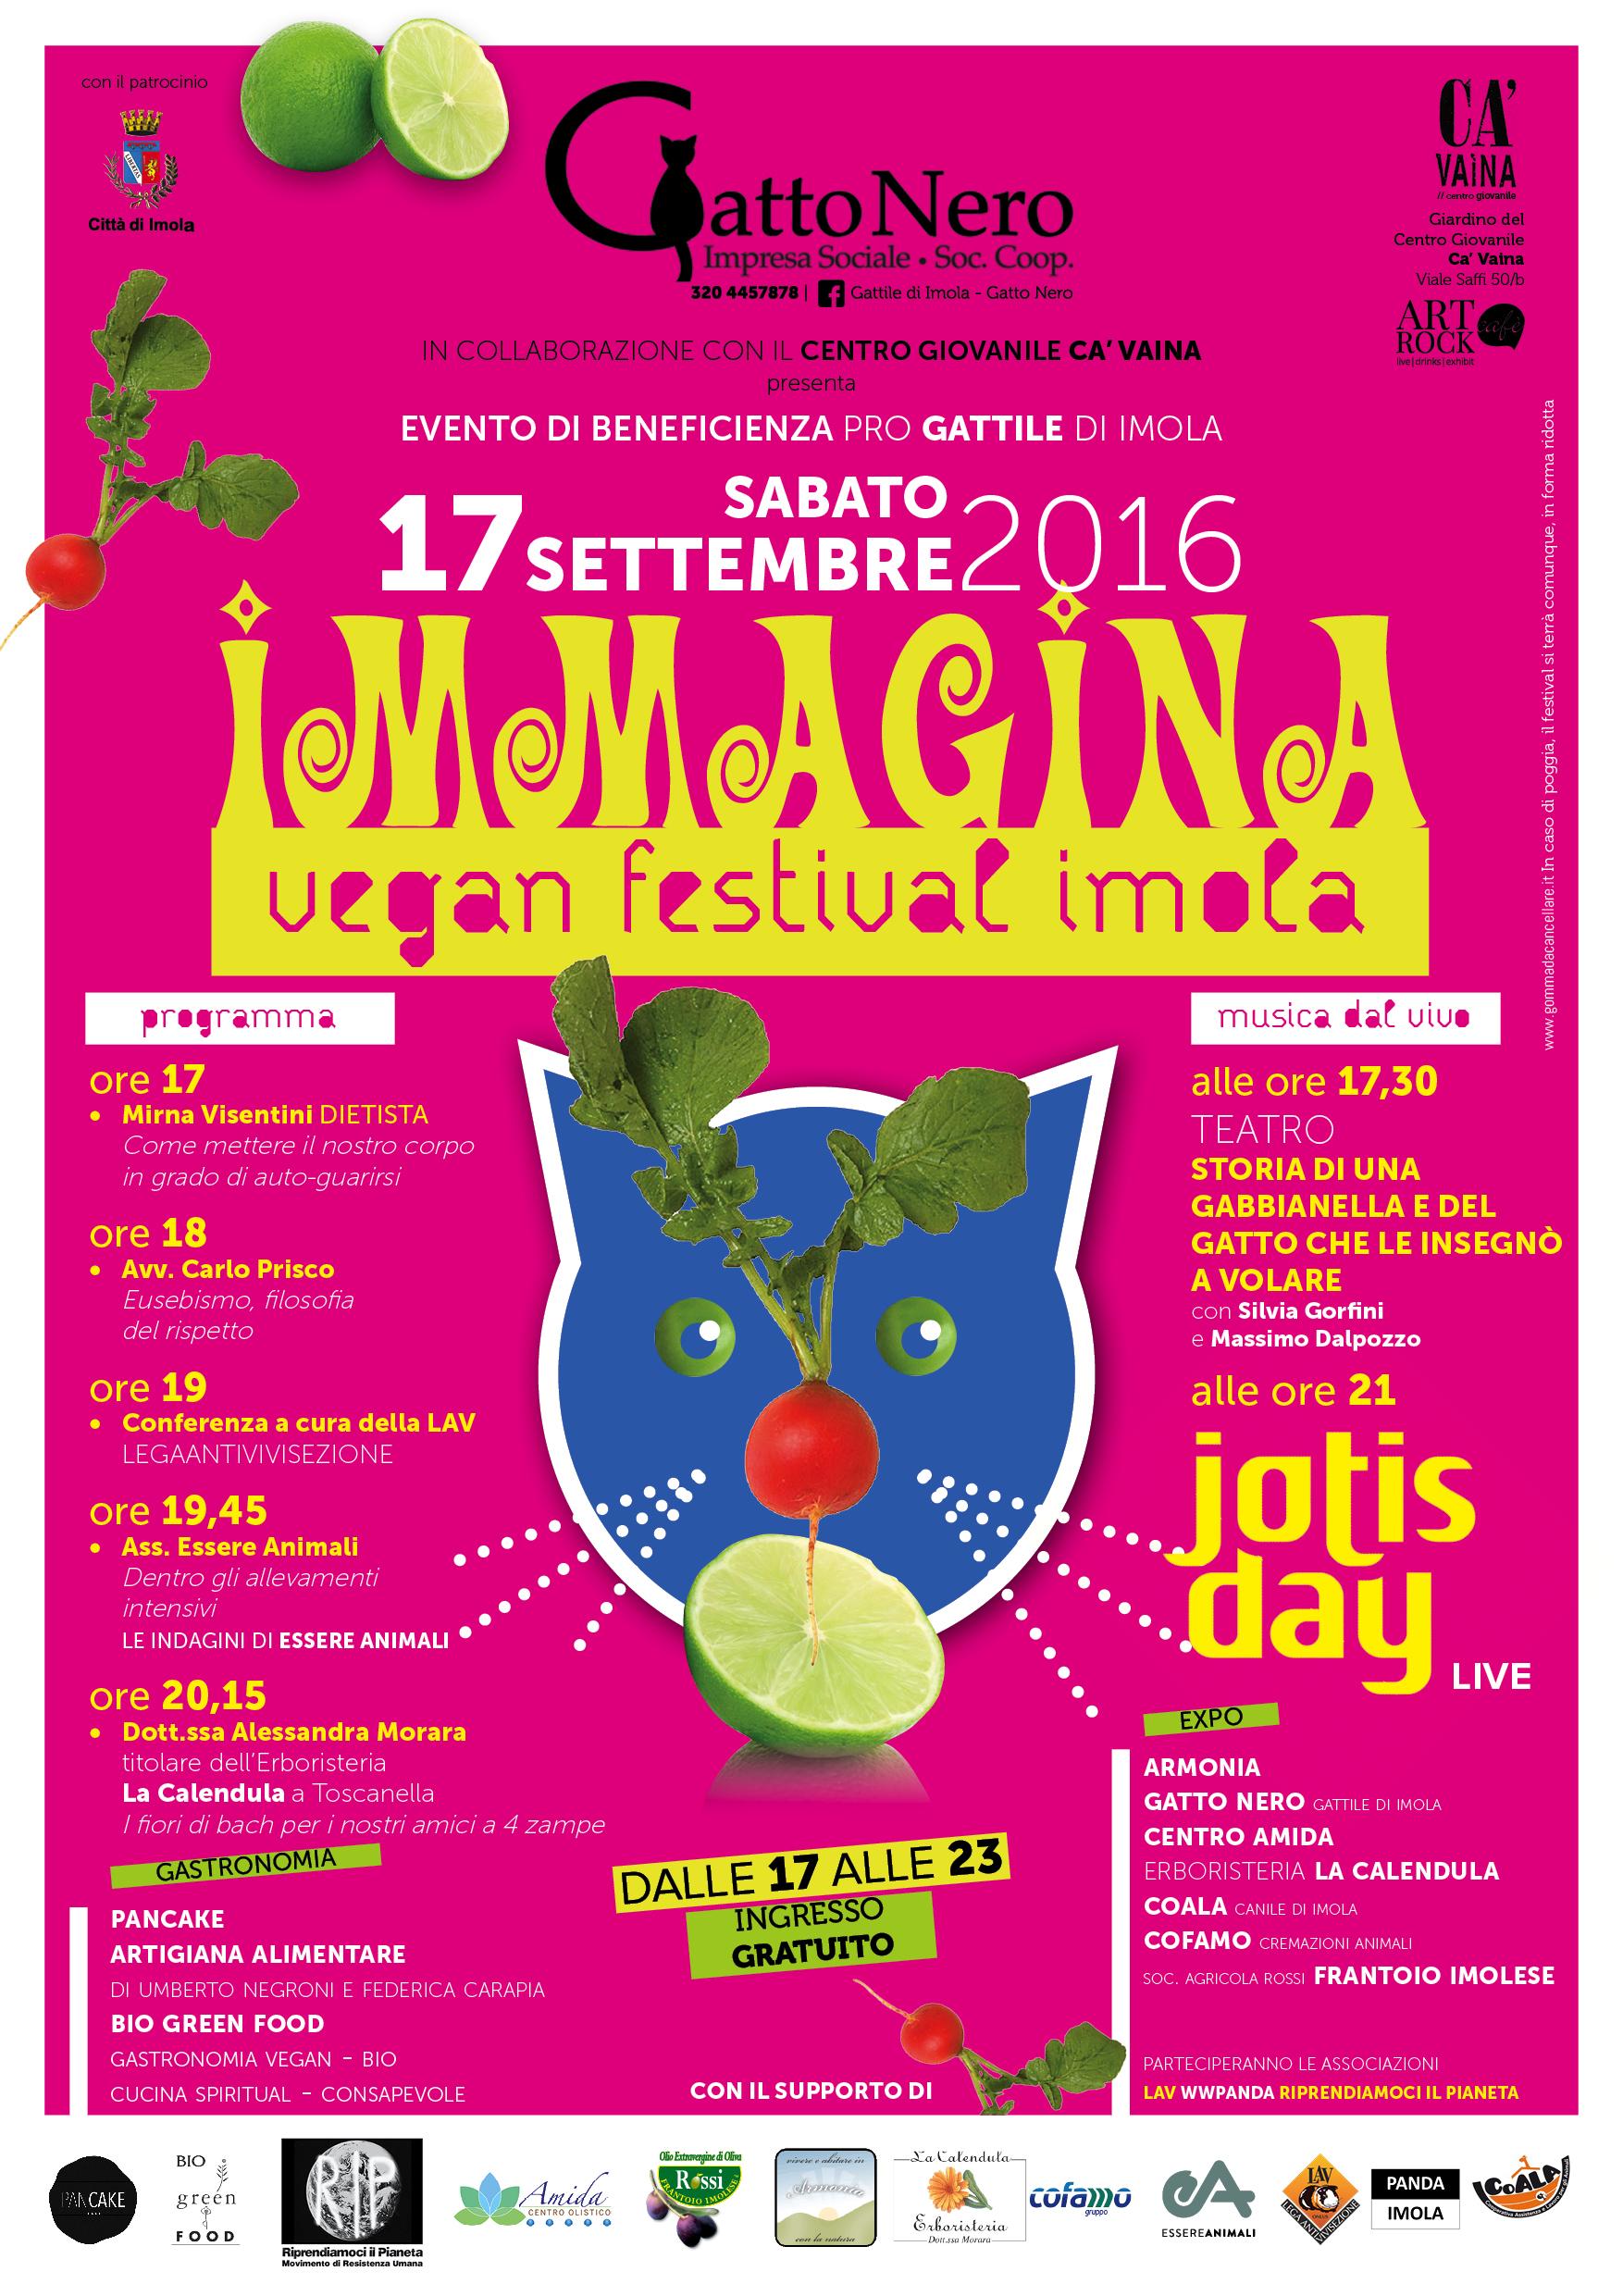 Rip A Immagina Vegan Festival Imola 17 Settembre 2016